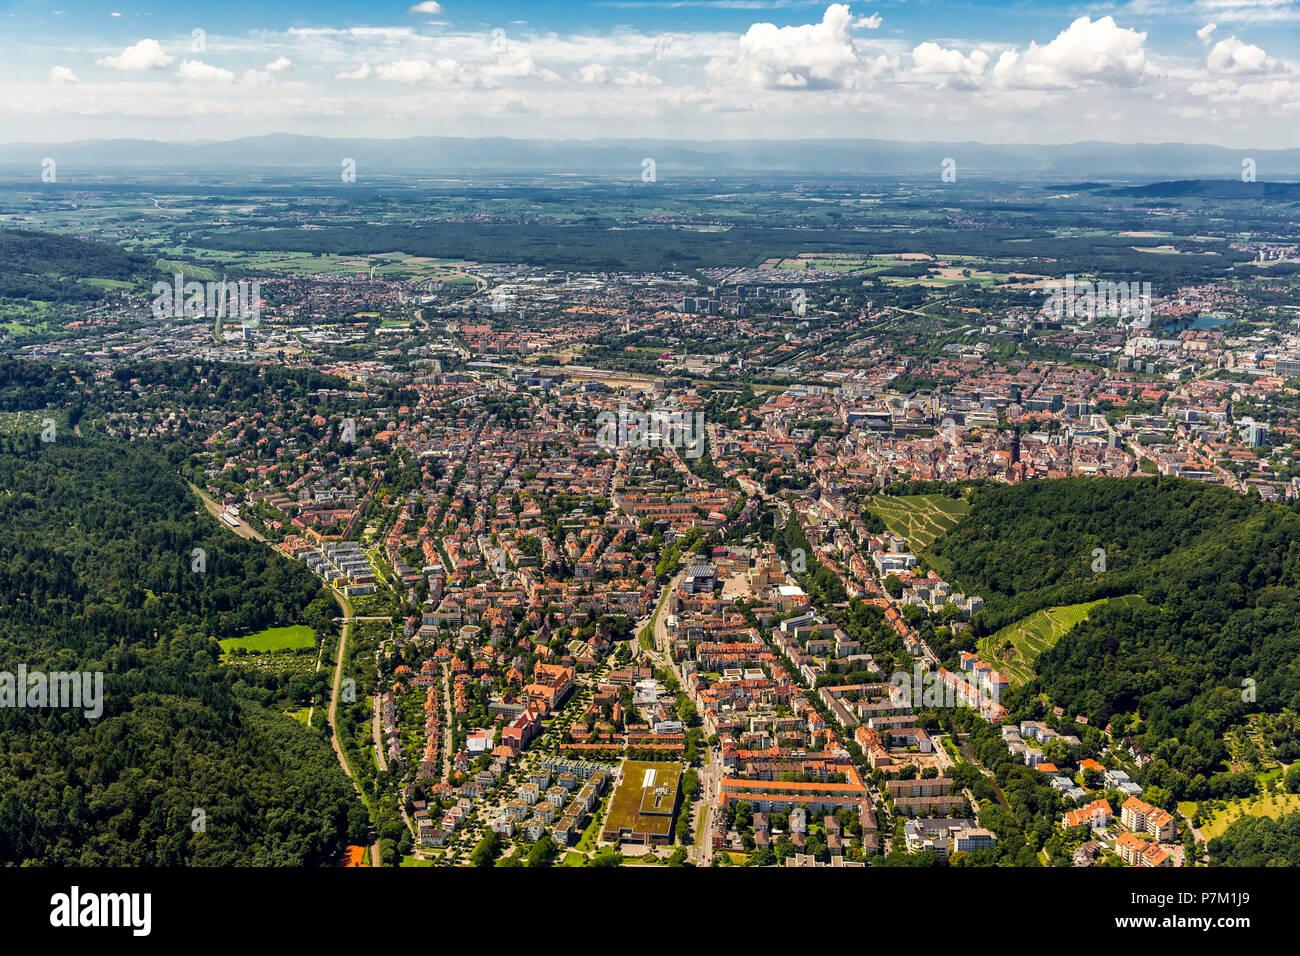 Arial view of Freiburg, Freiburg im Breisgau, Breisgau, Baden-Wuerttemberg, Germany - Stock Image